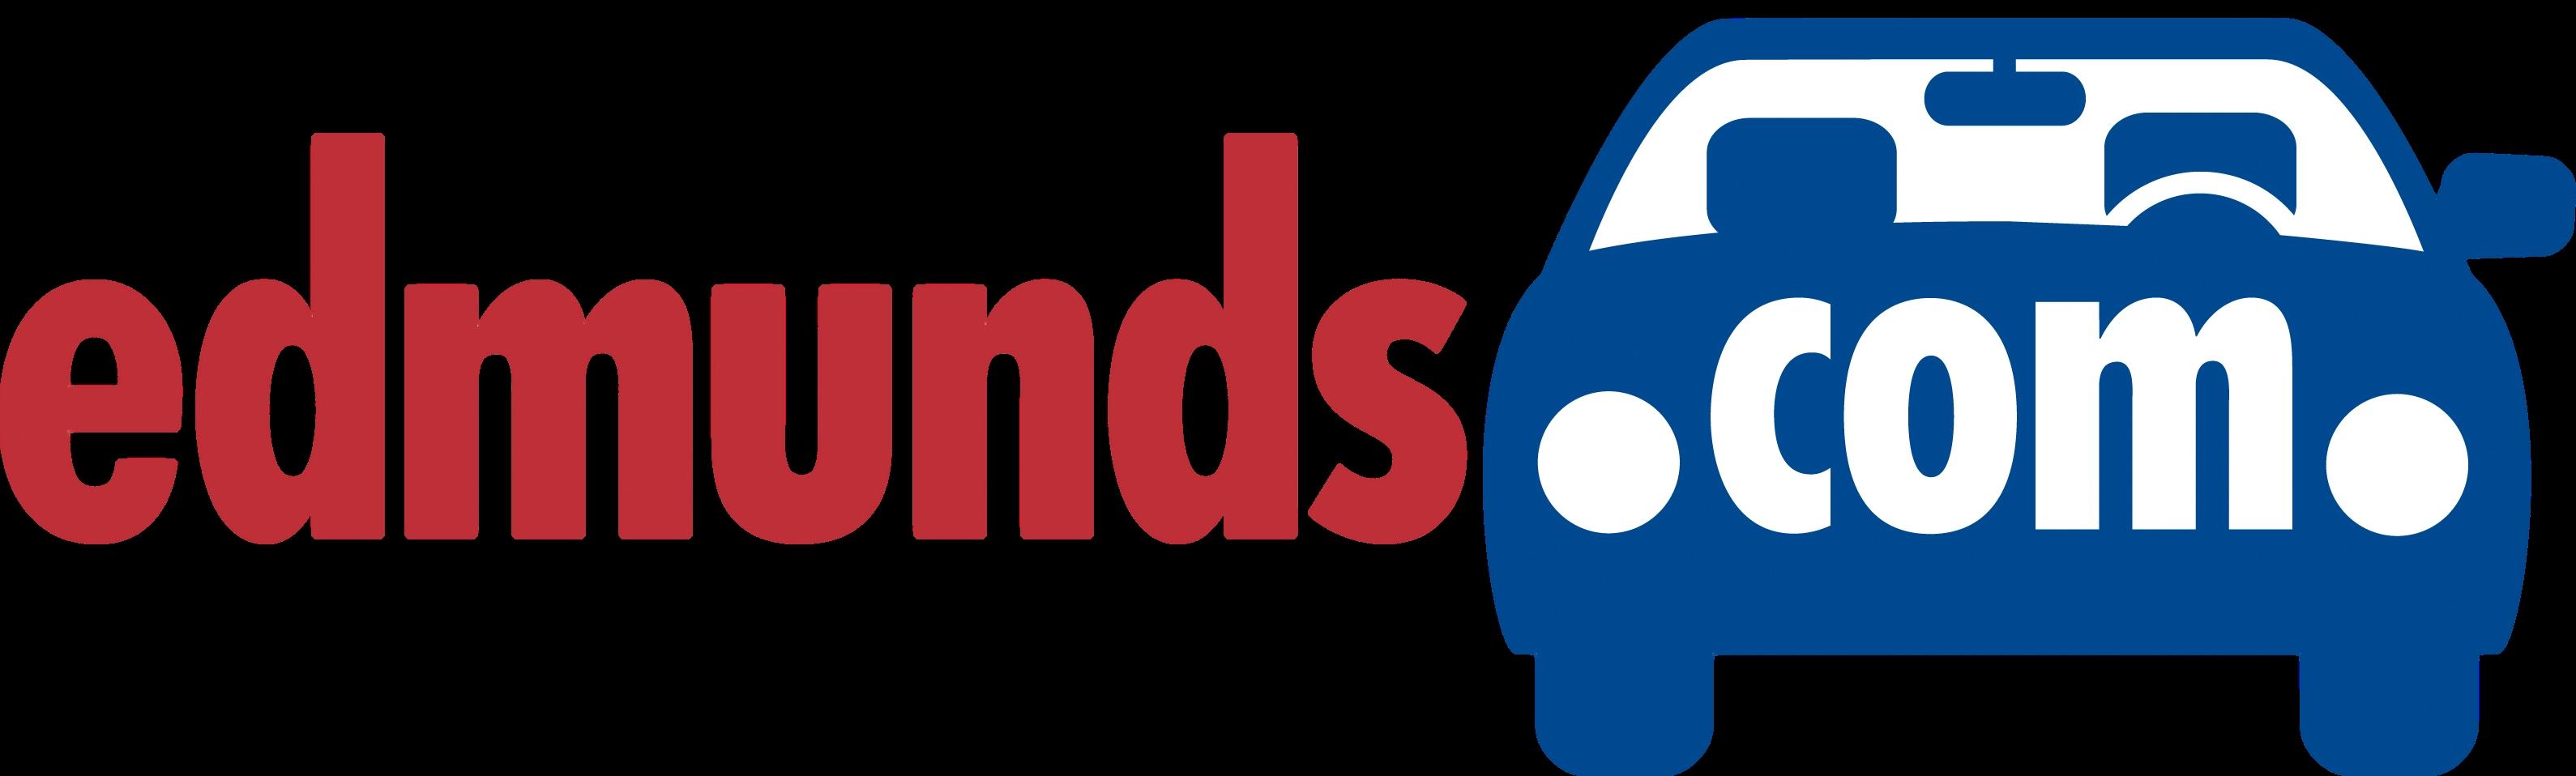 Edmunds Dealer Invoice